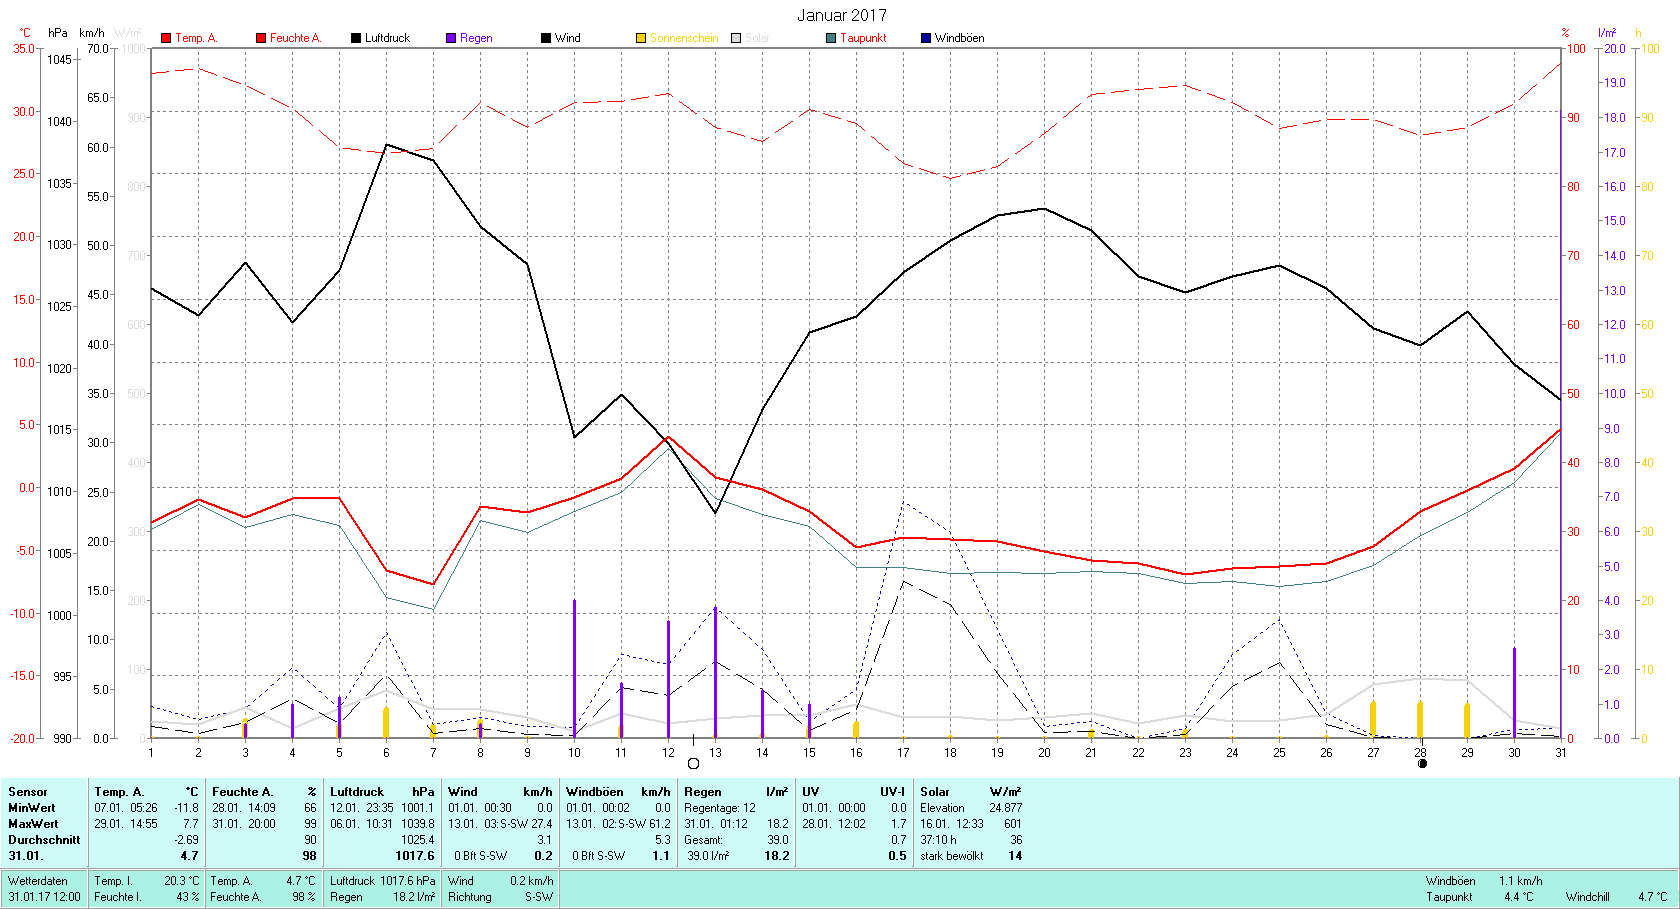 Januar 2017 Tmin -11.8°C, Tmax 7.7°C, Sonne 37:10h, Niederschlag 39.0mm/2